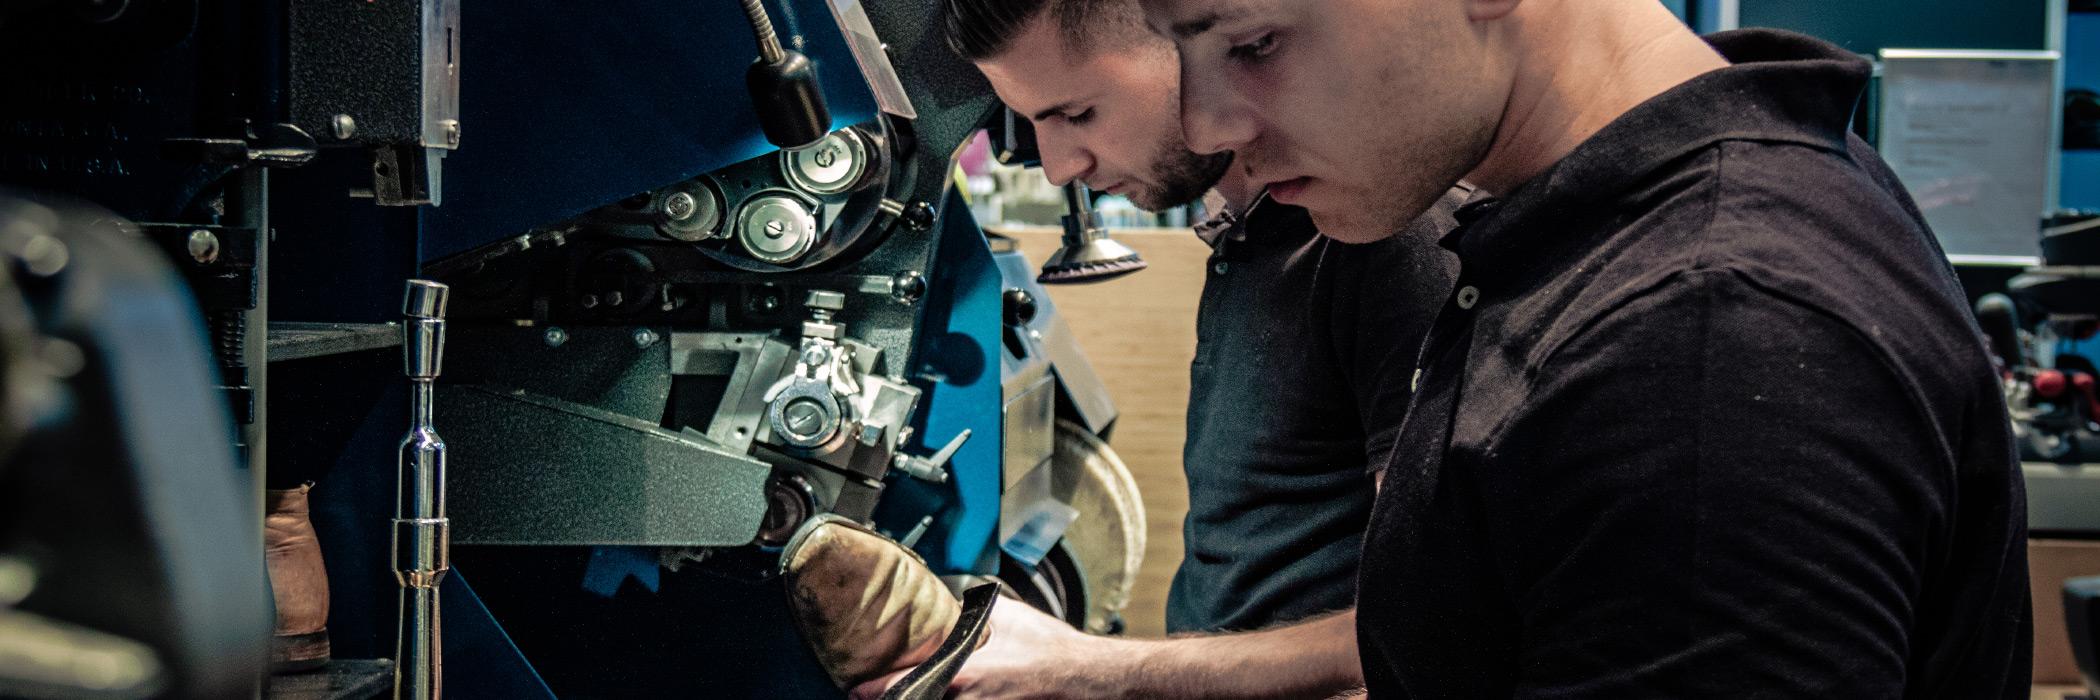 Rotonde Schoenmakerij - Schoen Reparatie